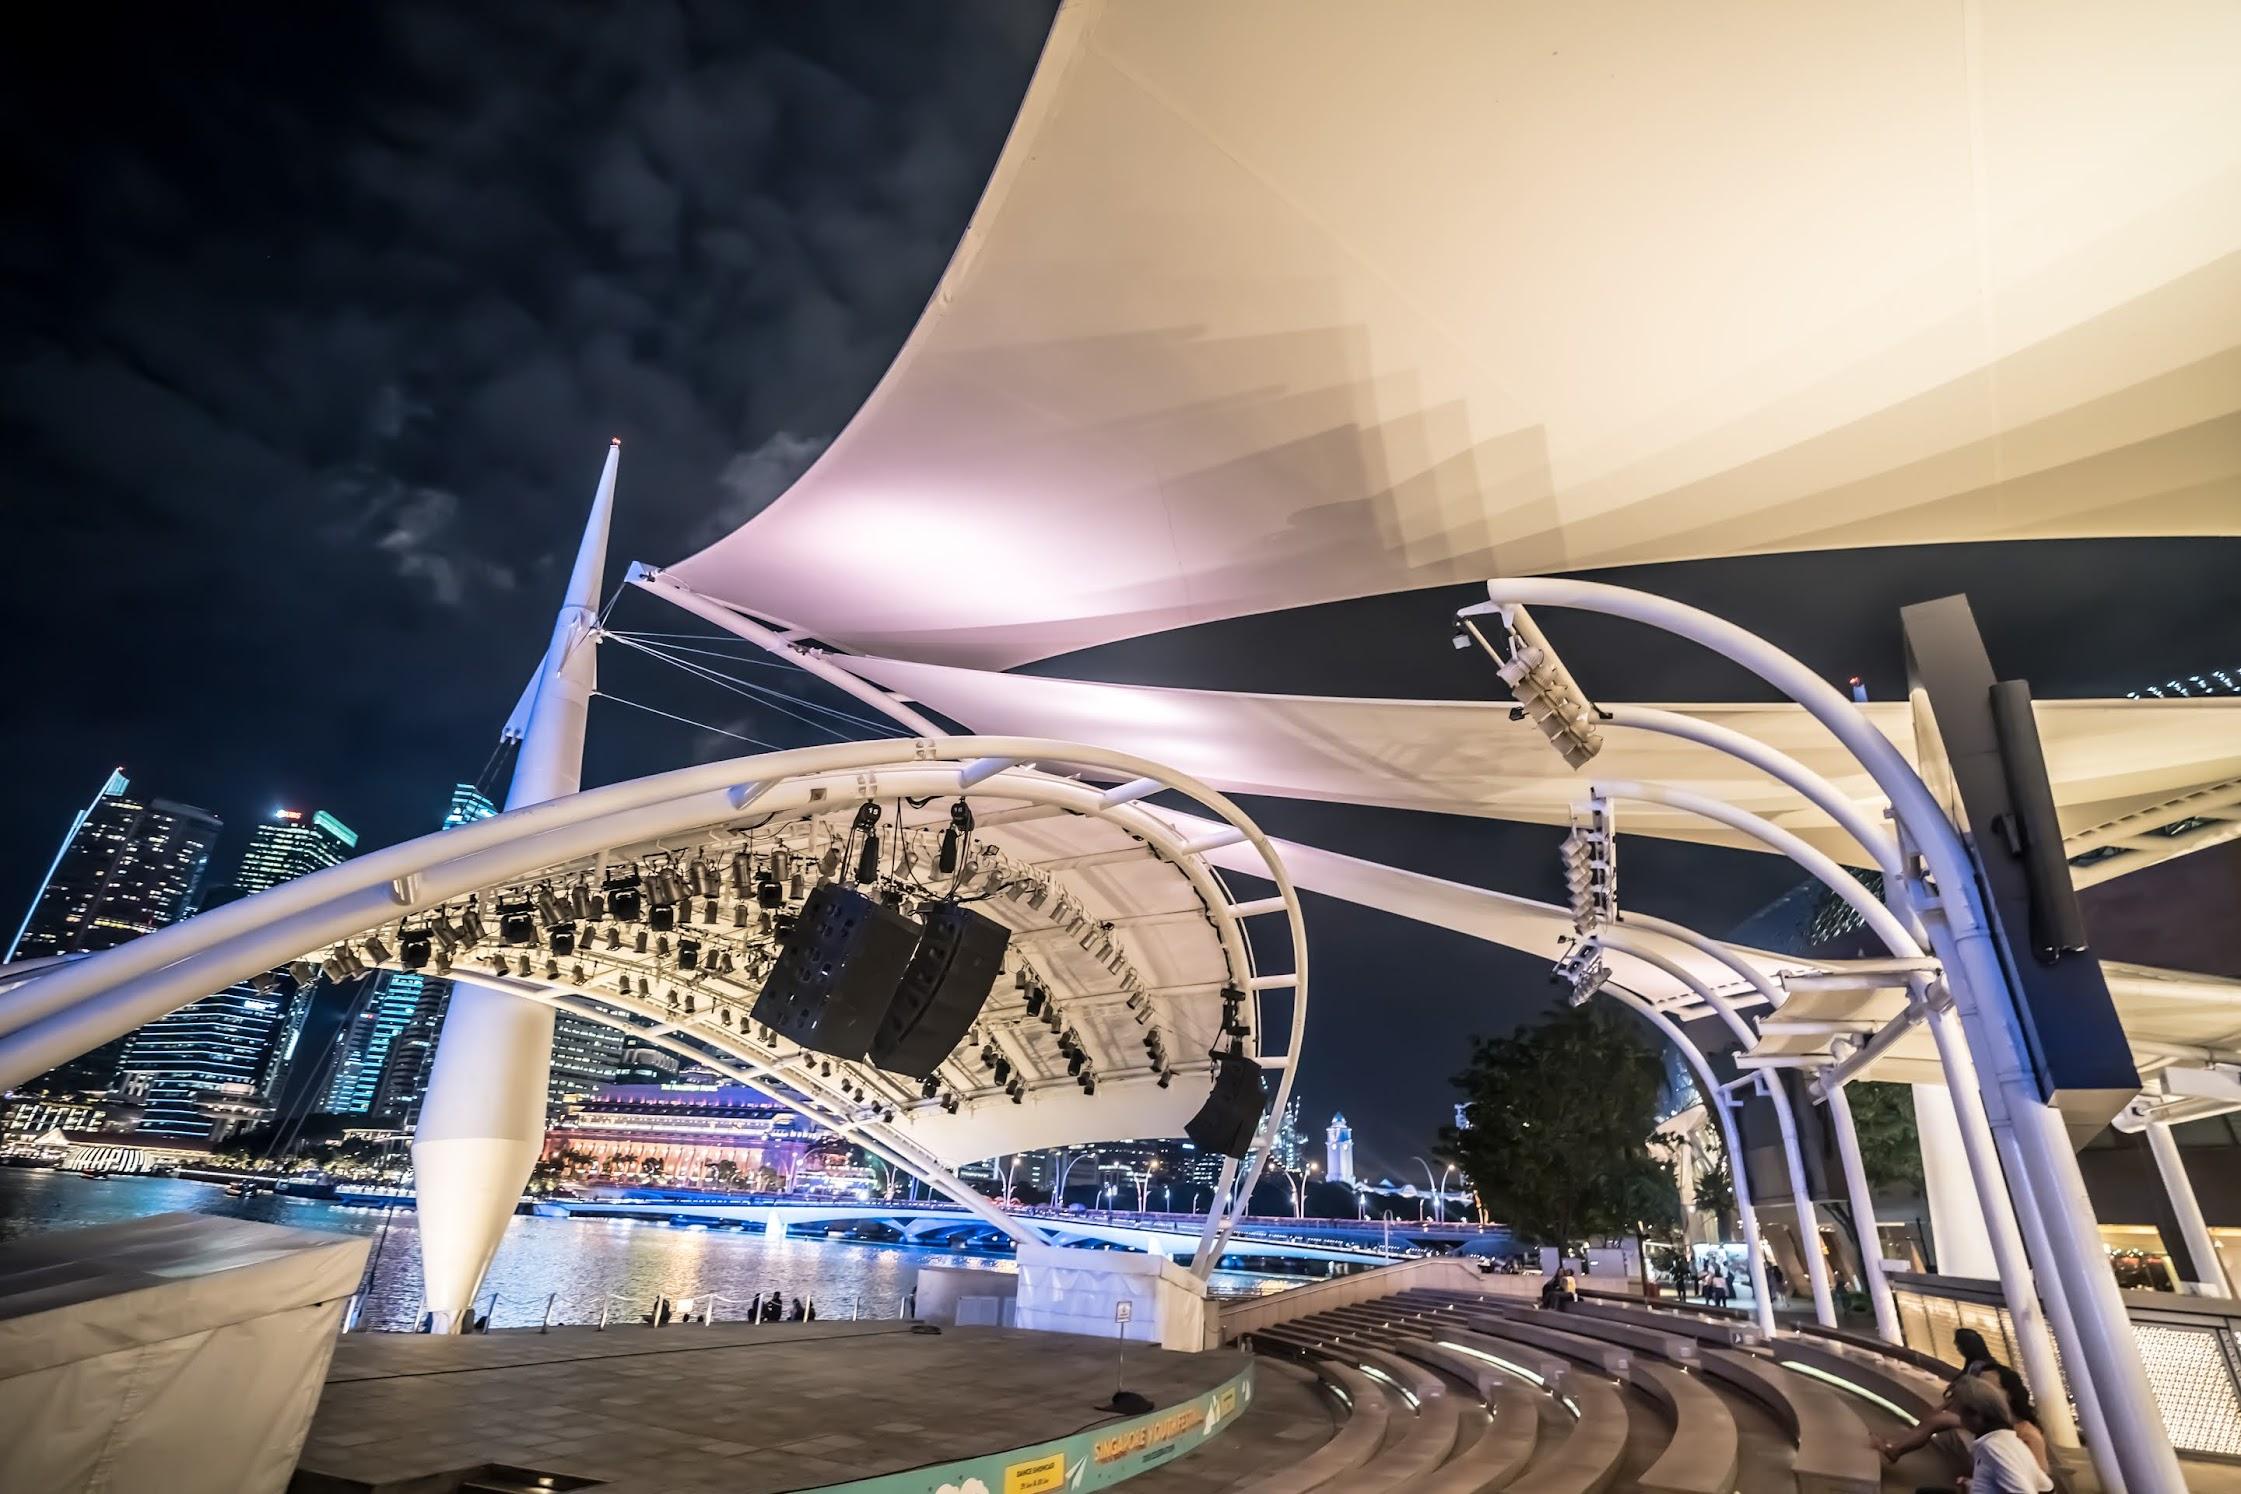 シンガポール エスプラネード (Esplanade) 夜1